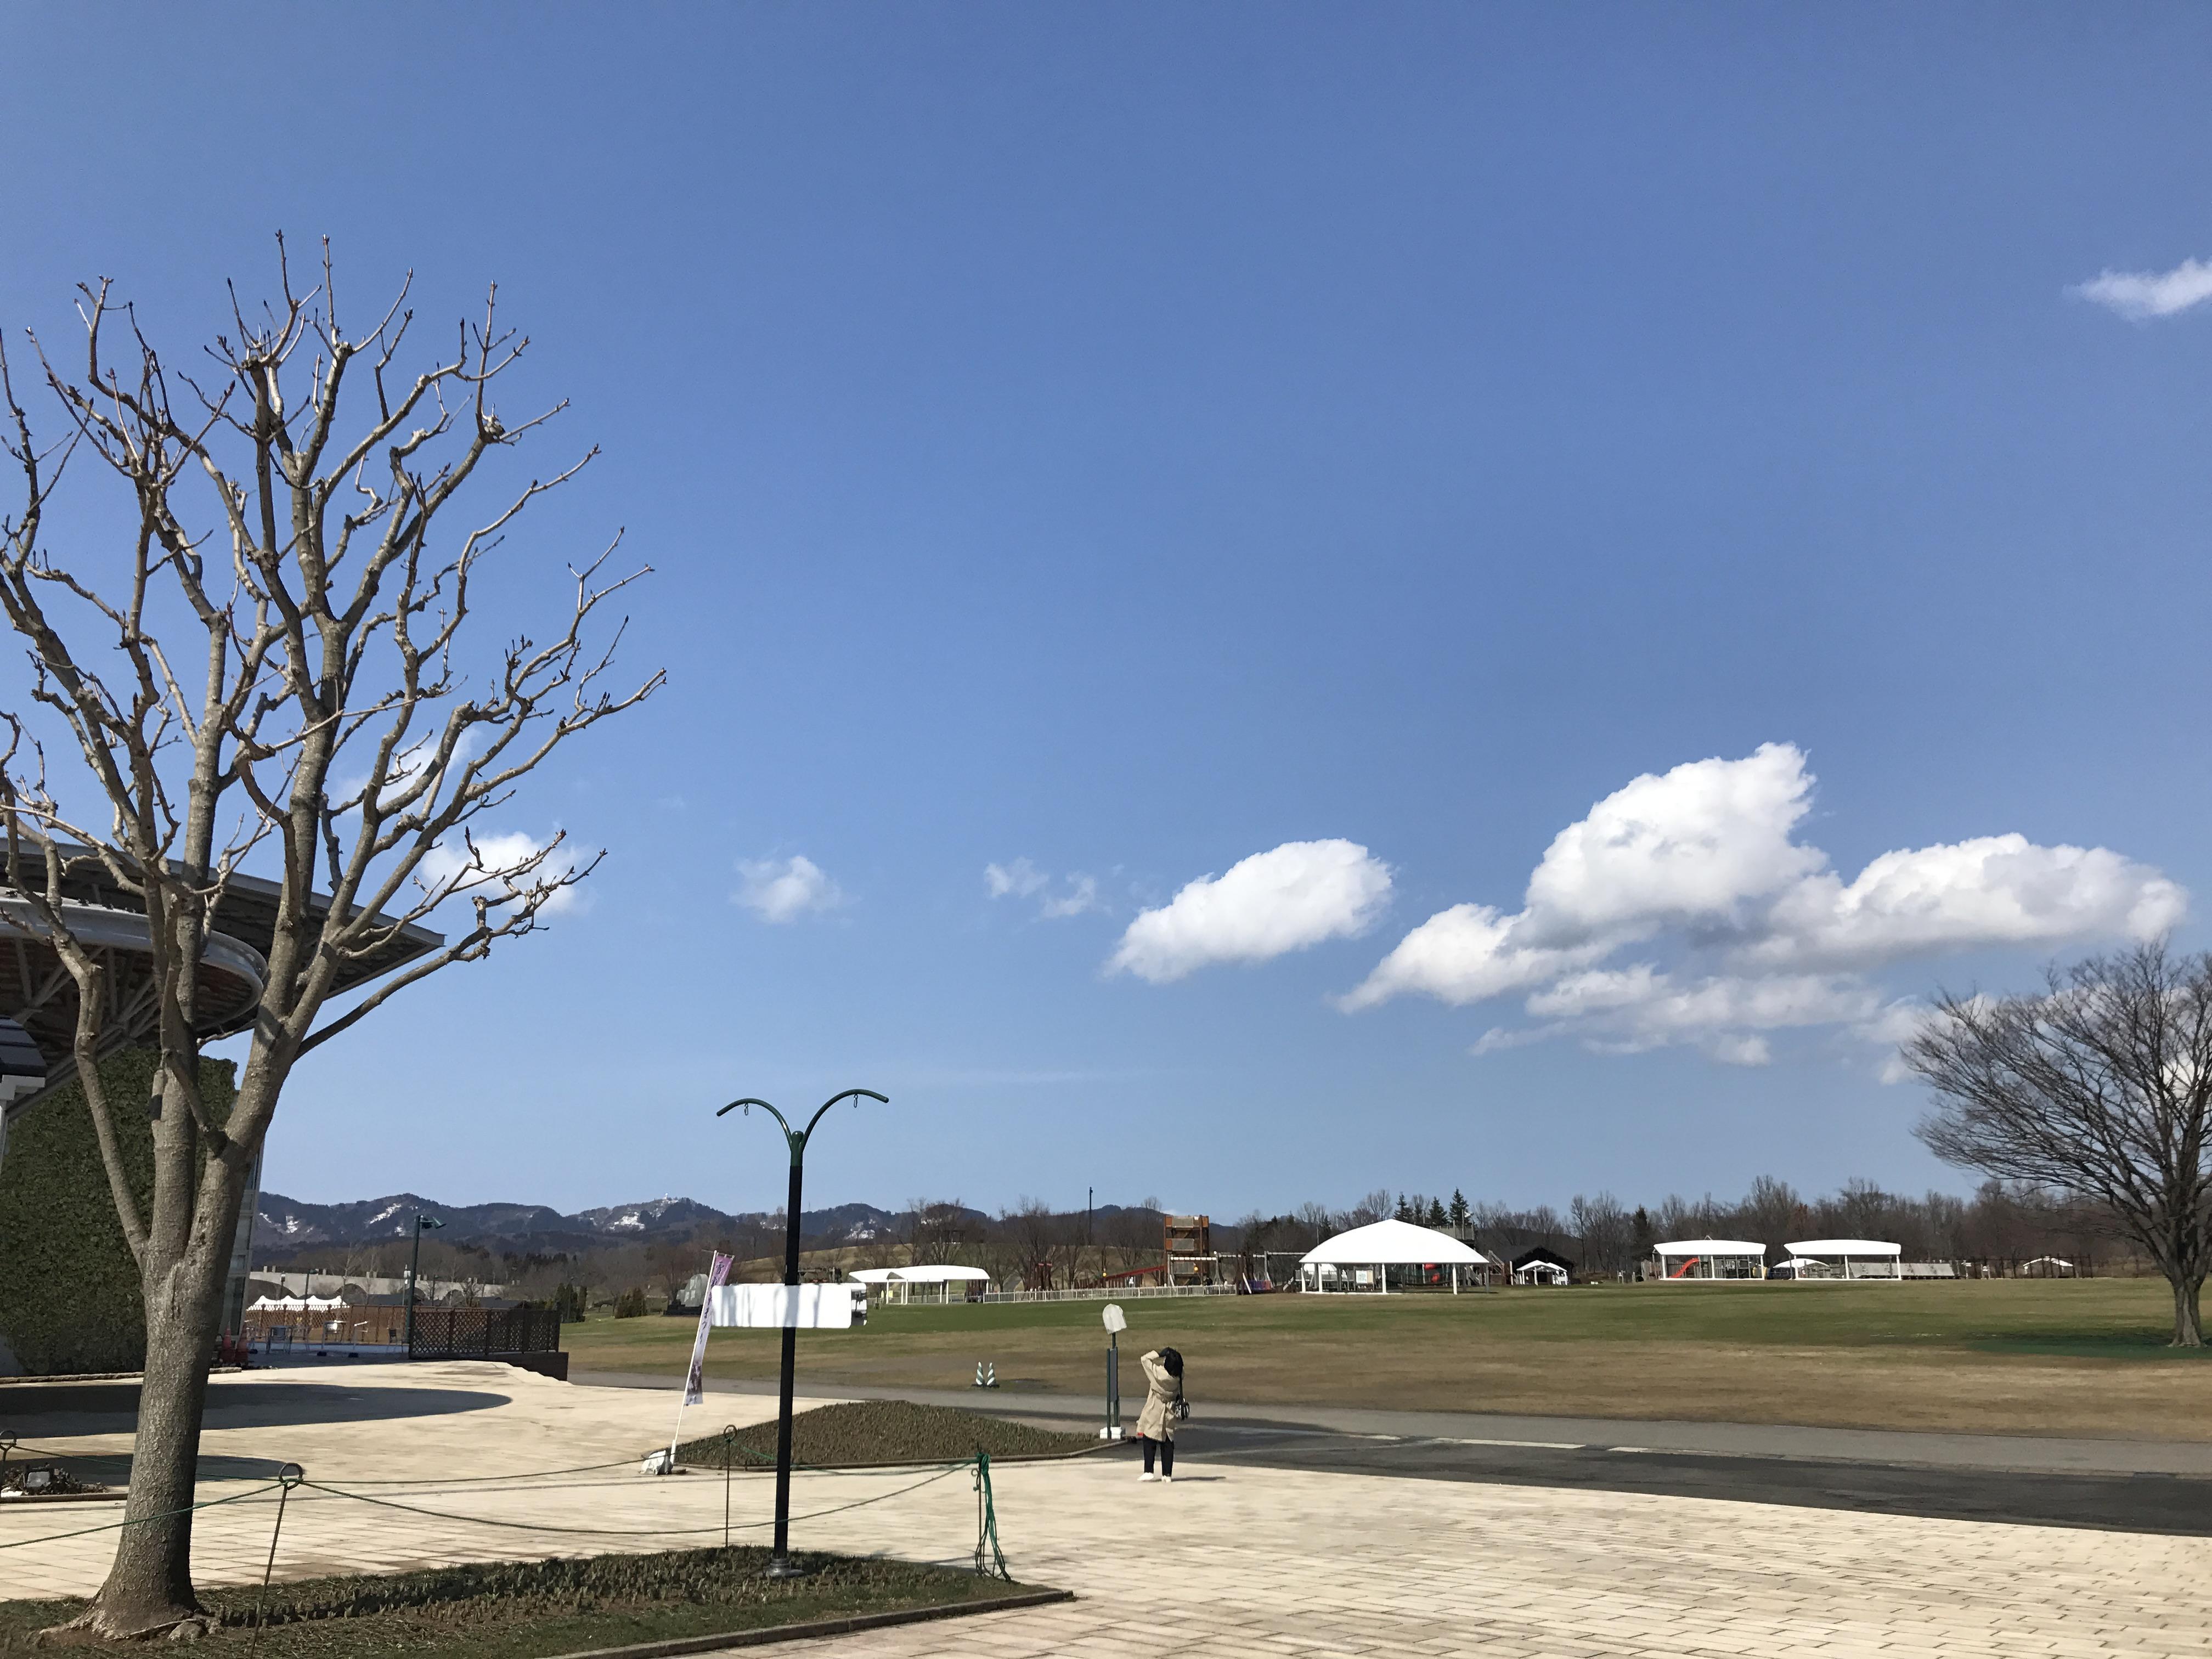 トキっ子くらぶ×越後丘陵公園「子育て応援プロジェクト」赤ちゃんと一緒に!産後ママのバランスボール